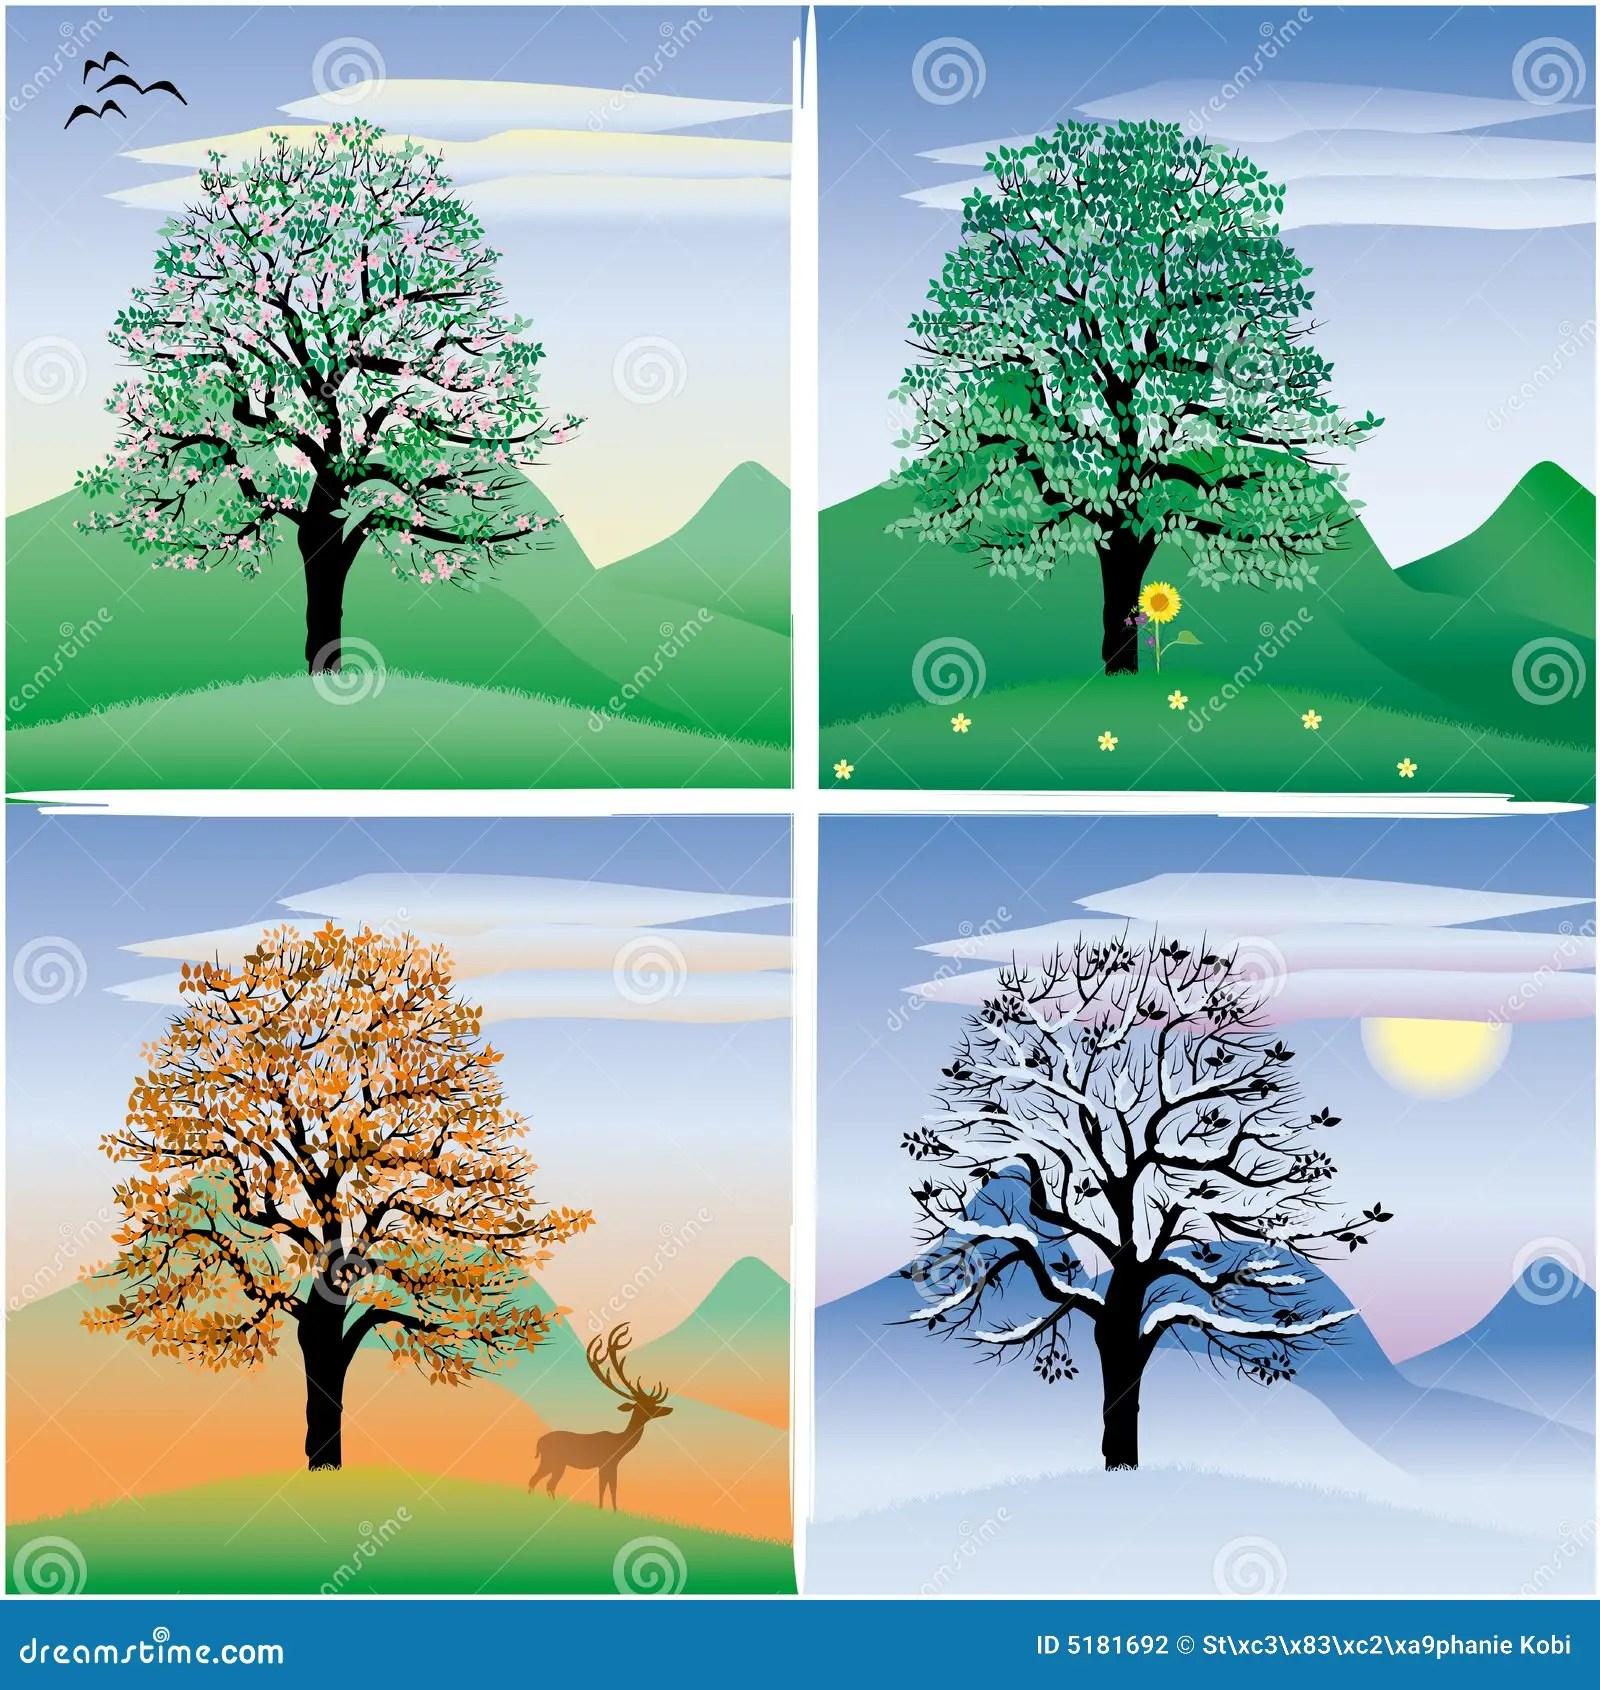 Tree stock illustration Illustration of autumn winter